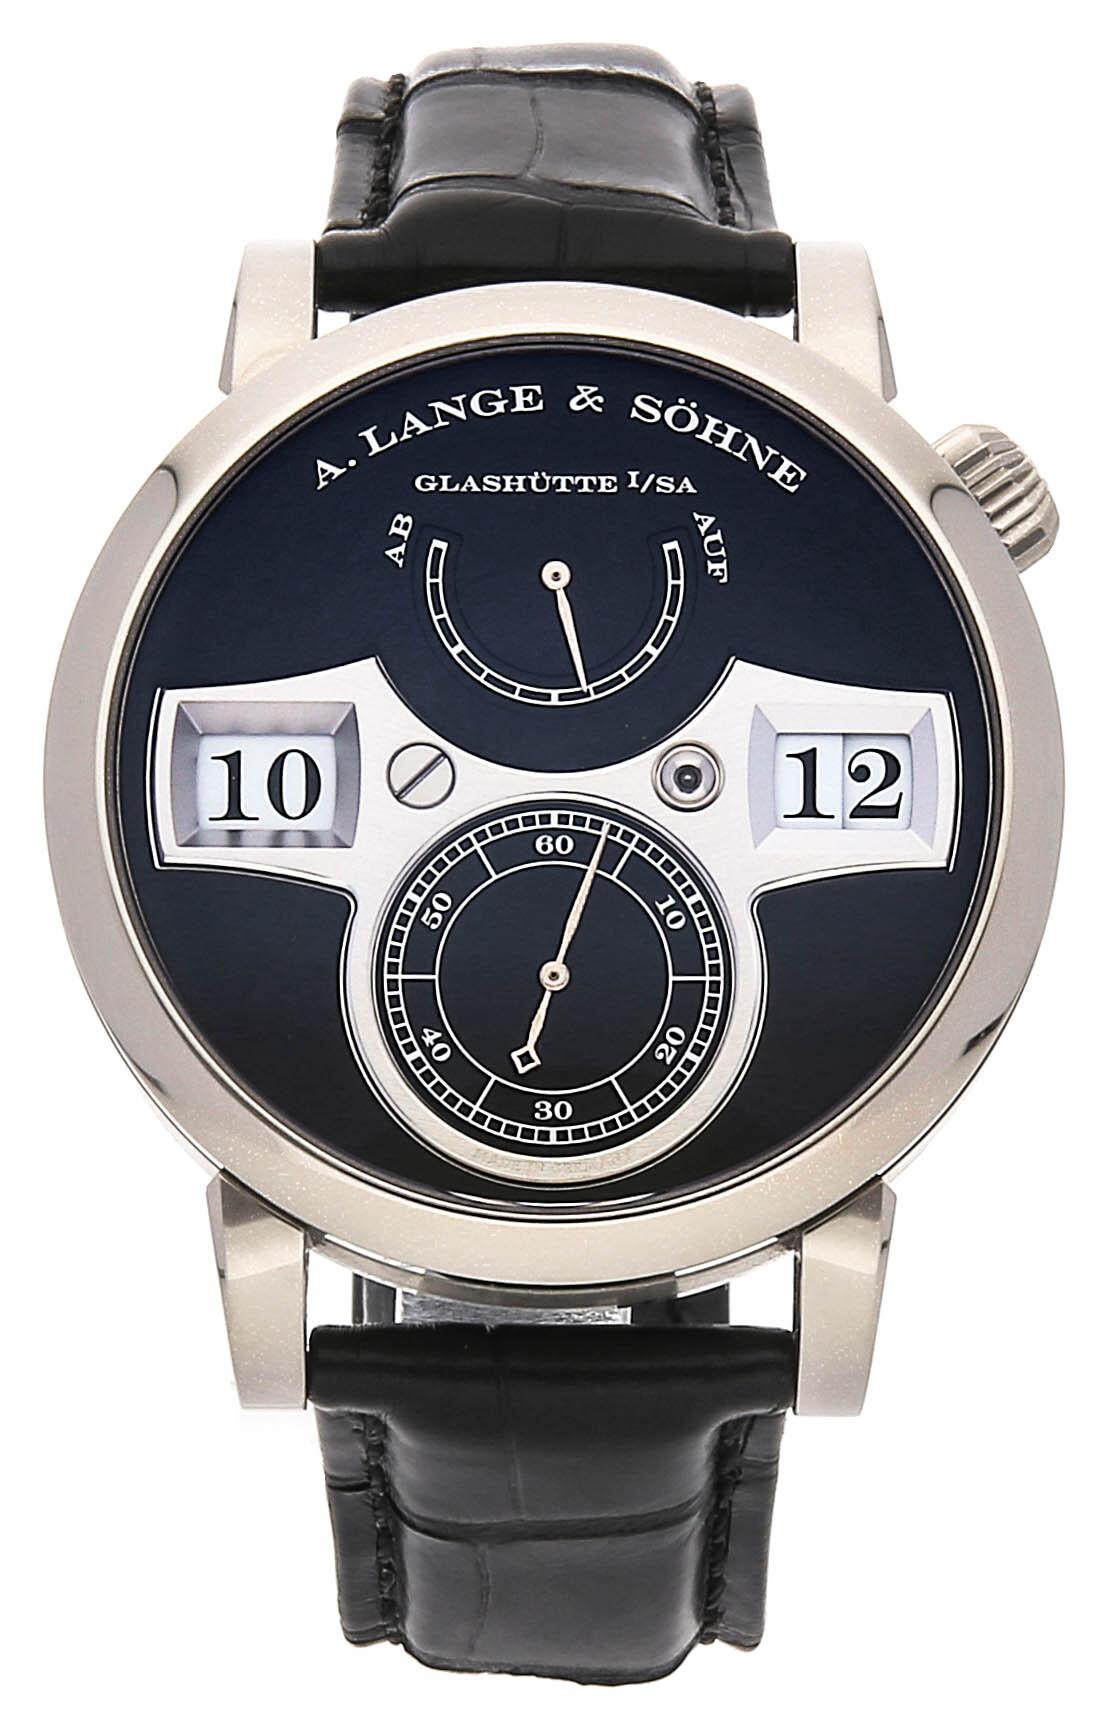 A. Lange & Söhne Saxonia Herreklokke 140.029 Sort/Lær Ø41.9 mm - A. Lange & Söhne